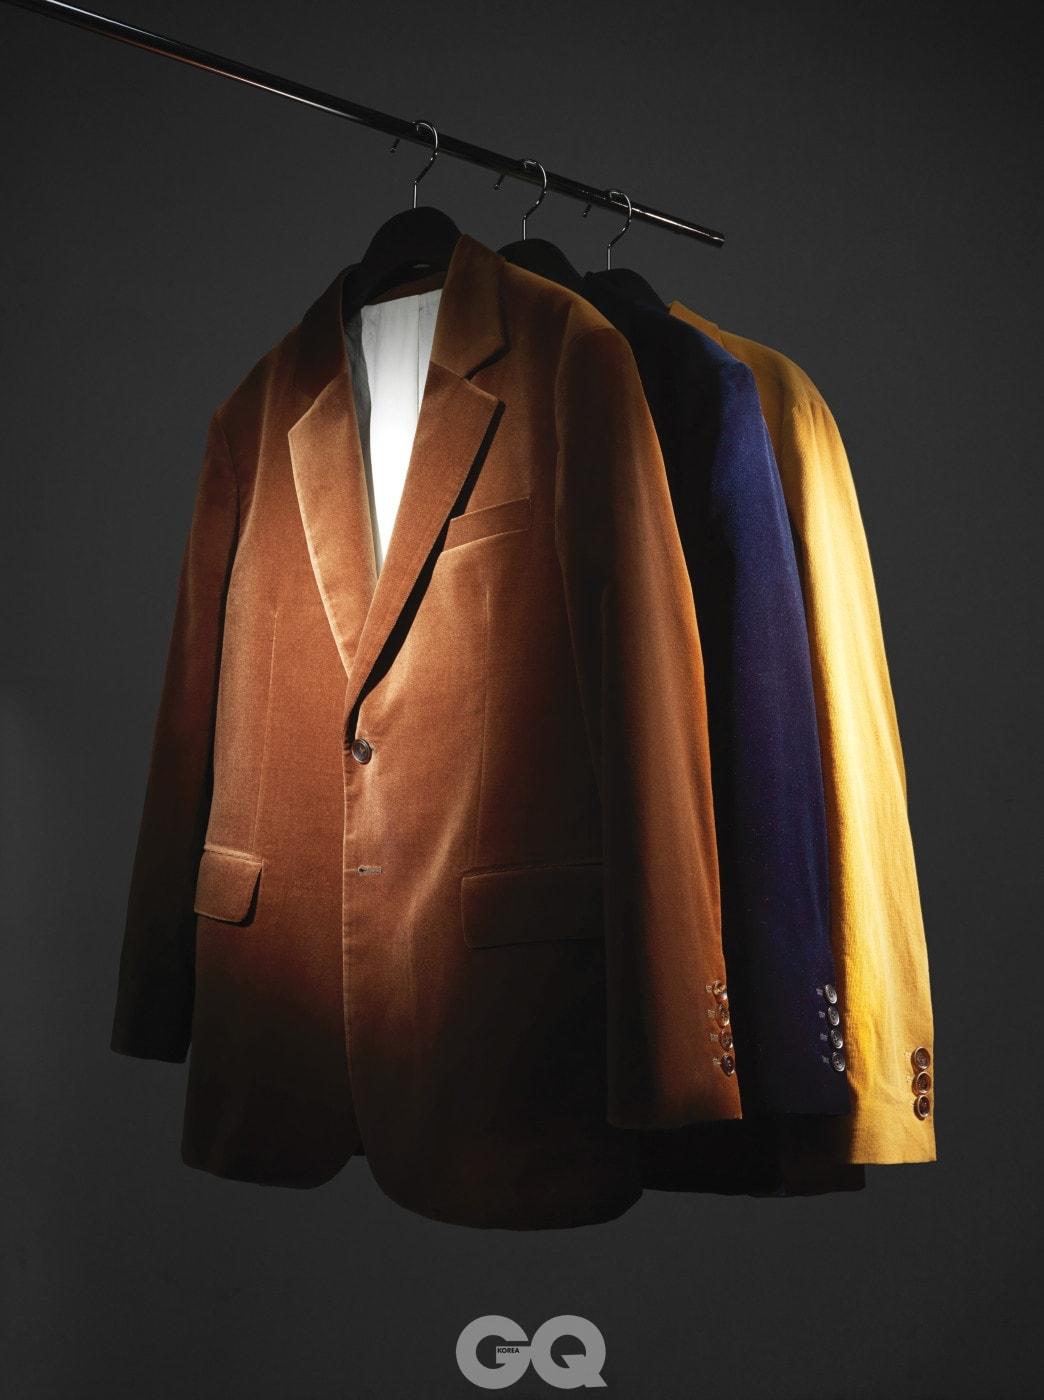 갈색 벨벳 재킷, 남색 벨벳 재킷, 겨자색 파인 코듀로이 재킷 65만원, 모두 로리엣.